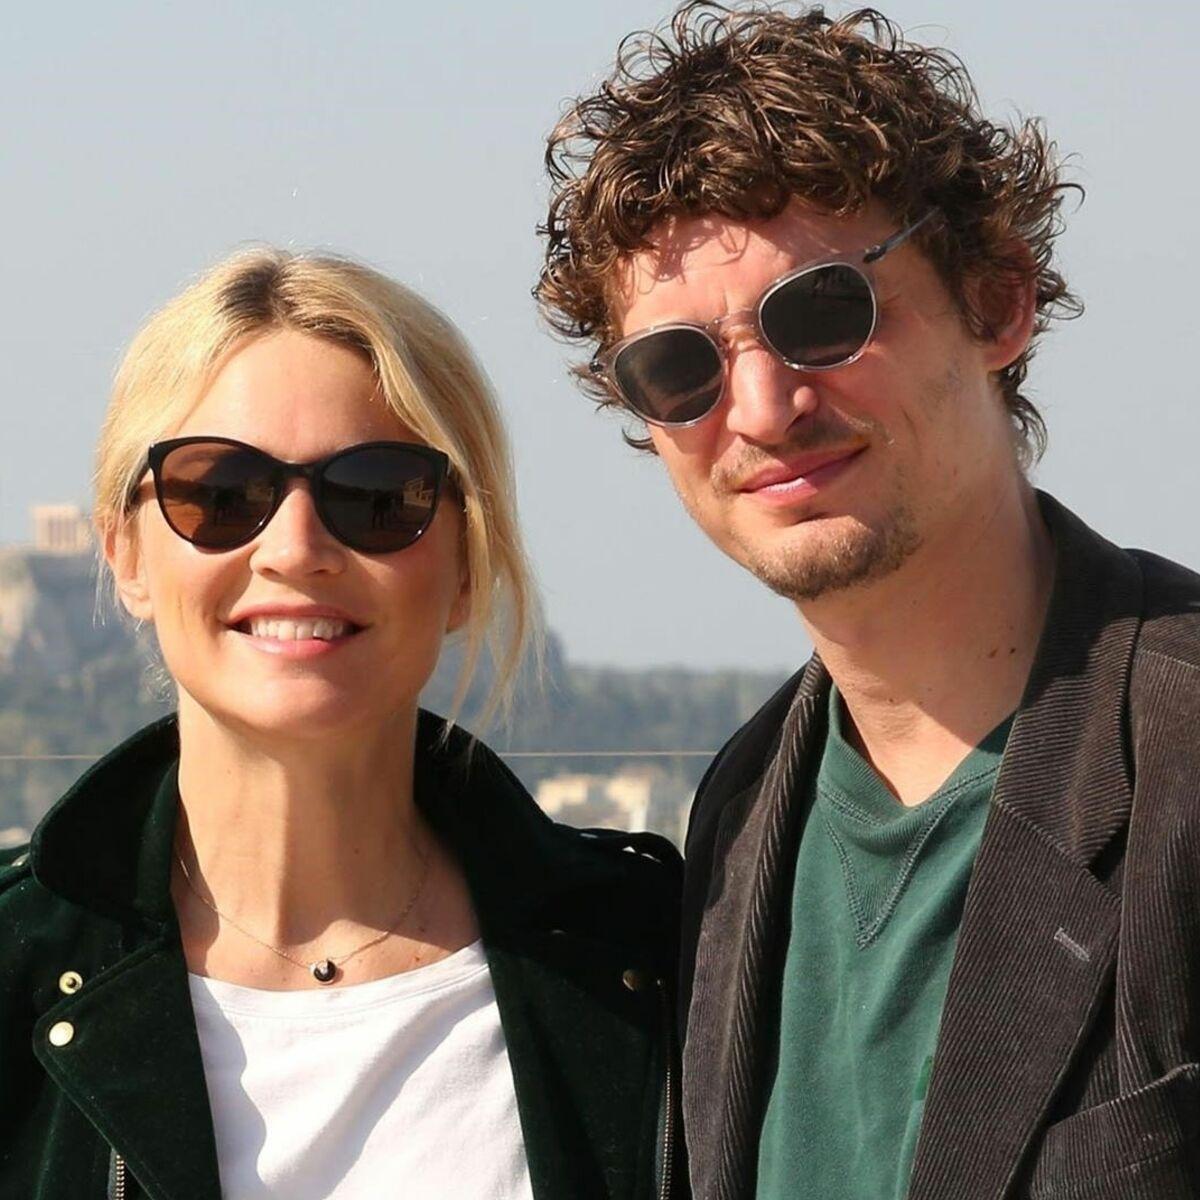 Virginie Efira Se Livre Sur Son Couple Avec Niels Schneider Et Leurs Scenes D Amour Au Cinema Femme Actuelle Le Mag